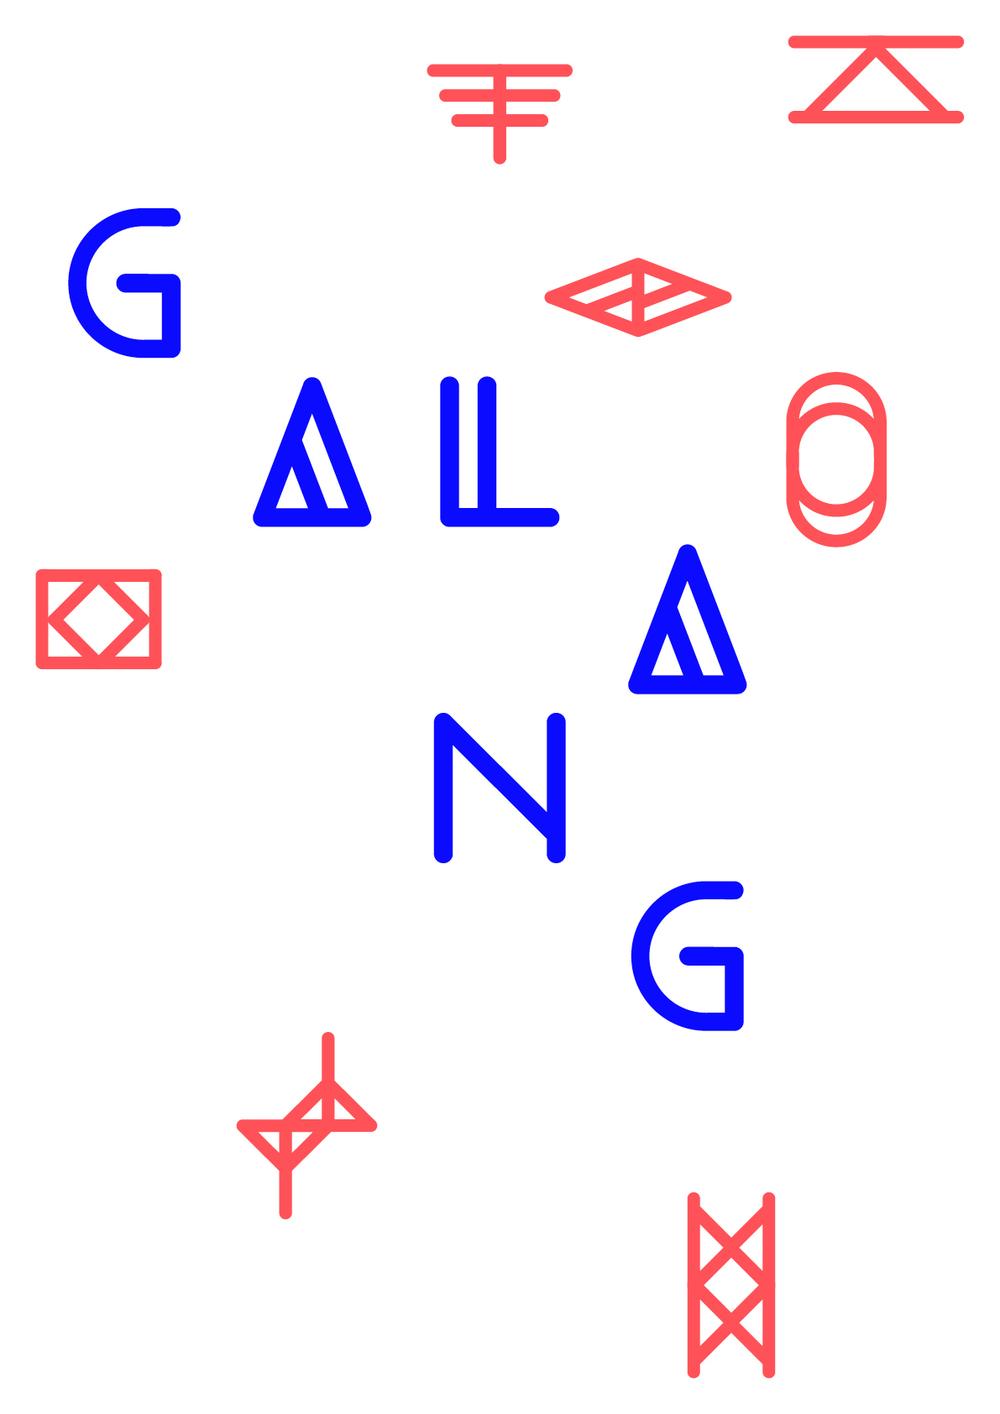 galang9.jpg